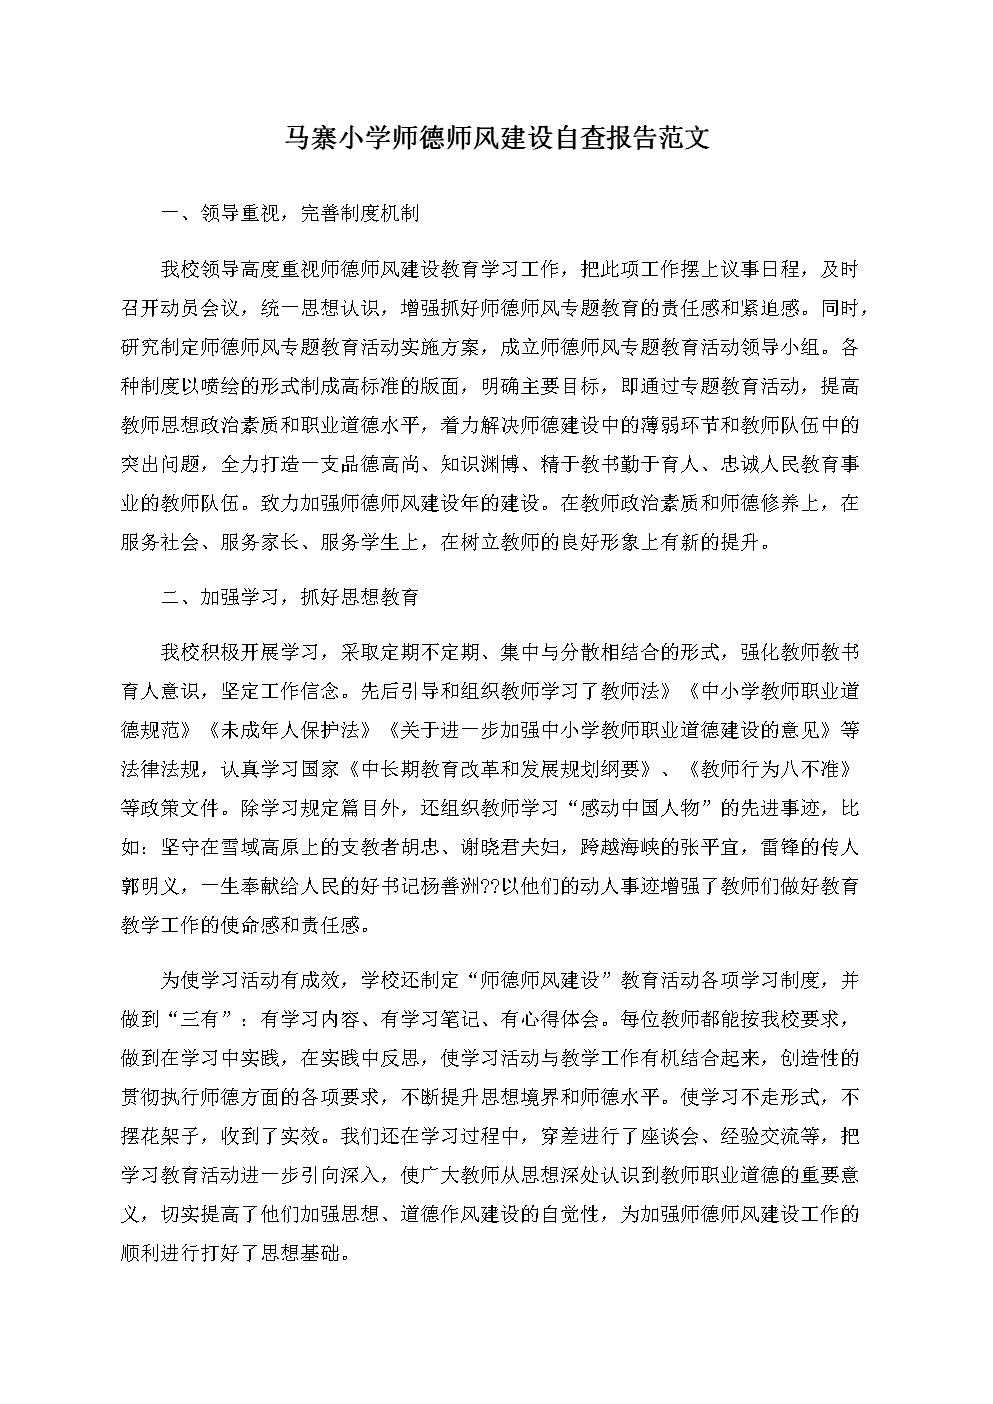 马寨小学师德师风建设自查报告.docx